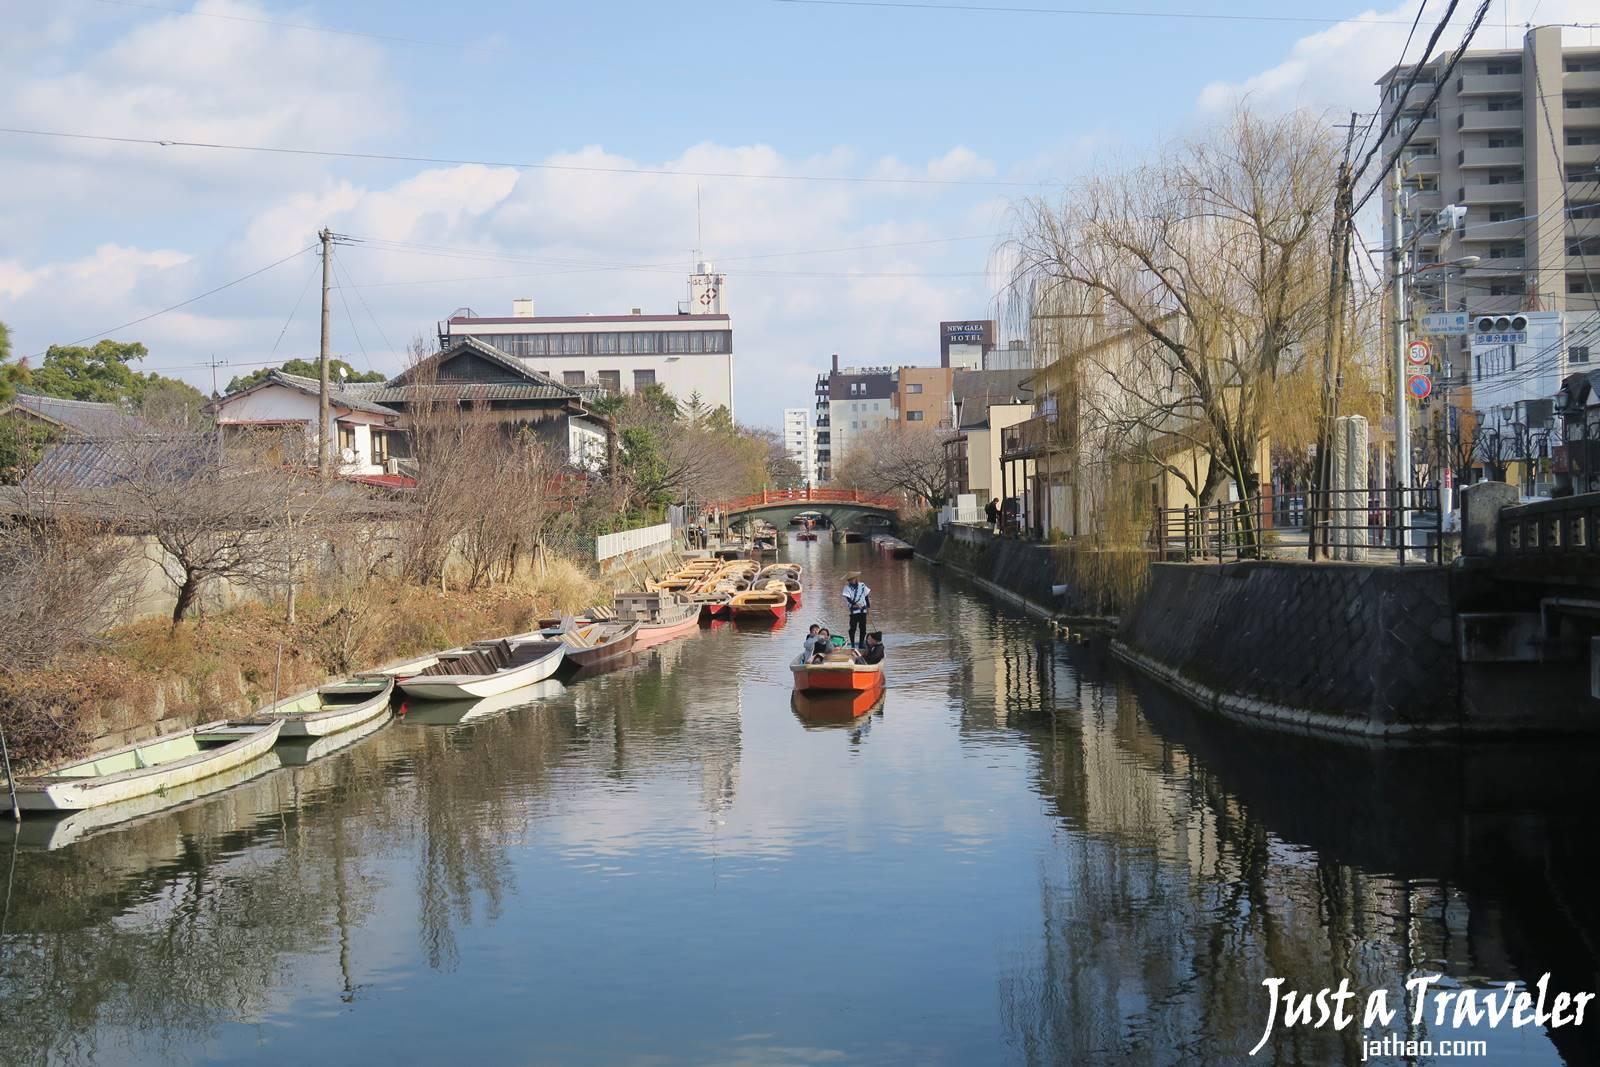 福岡-景點-推薦-柳川-福岡好玩景點-福岡必玩景點-福岡必去景點-福岡自由行景點-攻略-市區-郊區-福岡觀光景點-福岡旅遊景點-福岡旅行-福岡行程-Fukuoka-Tourist-Attraction